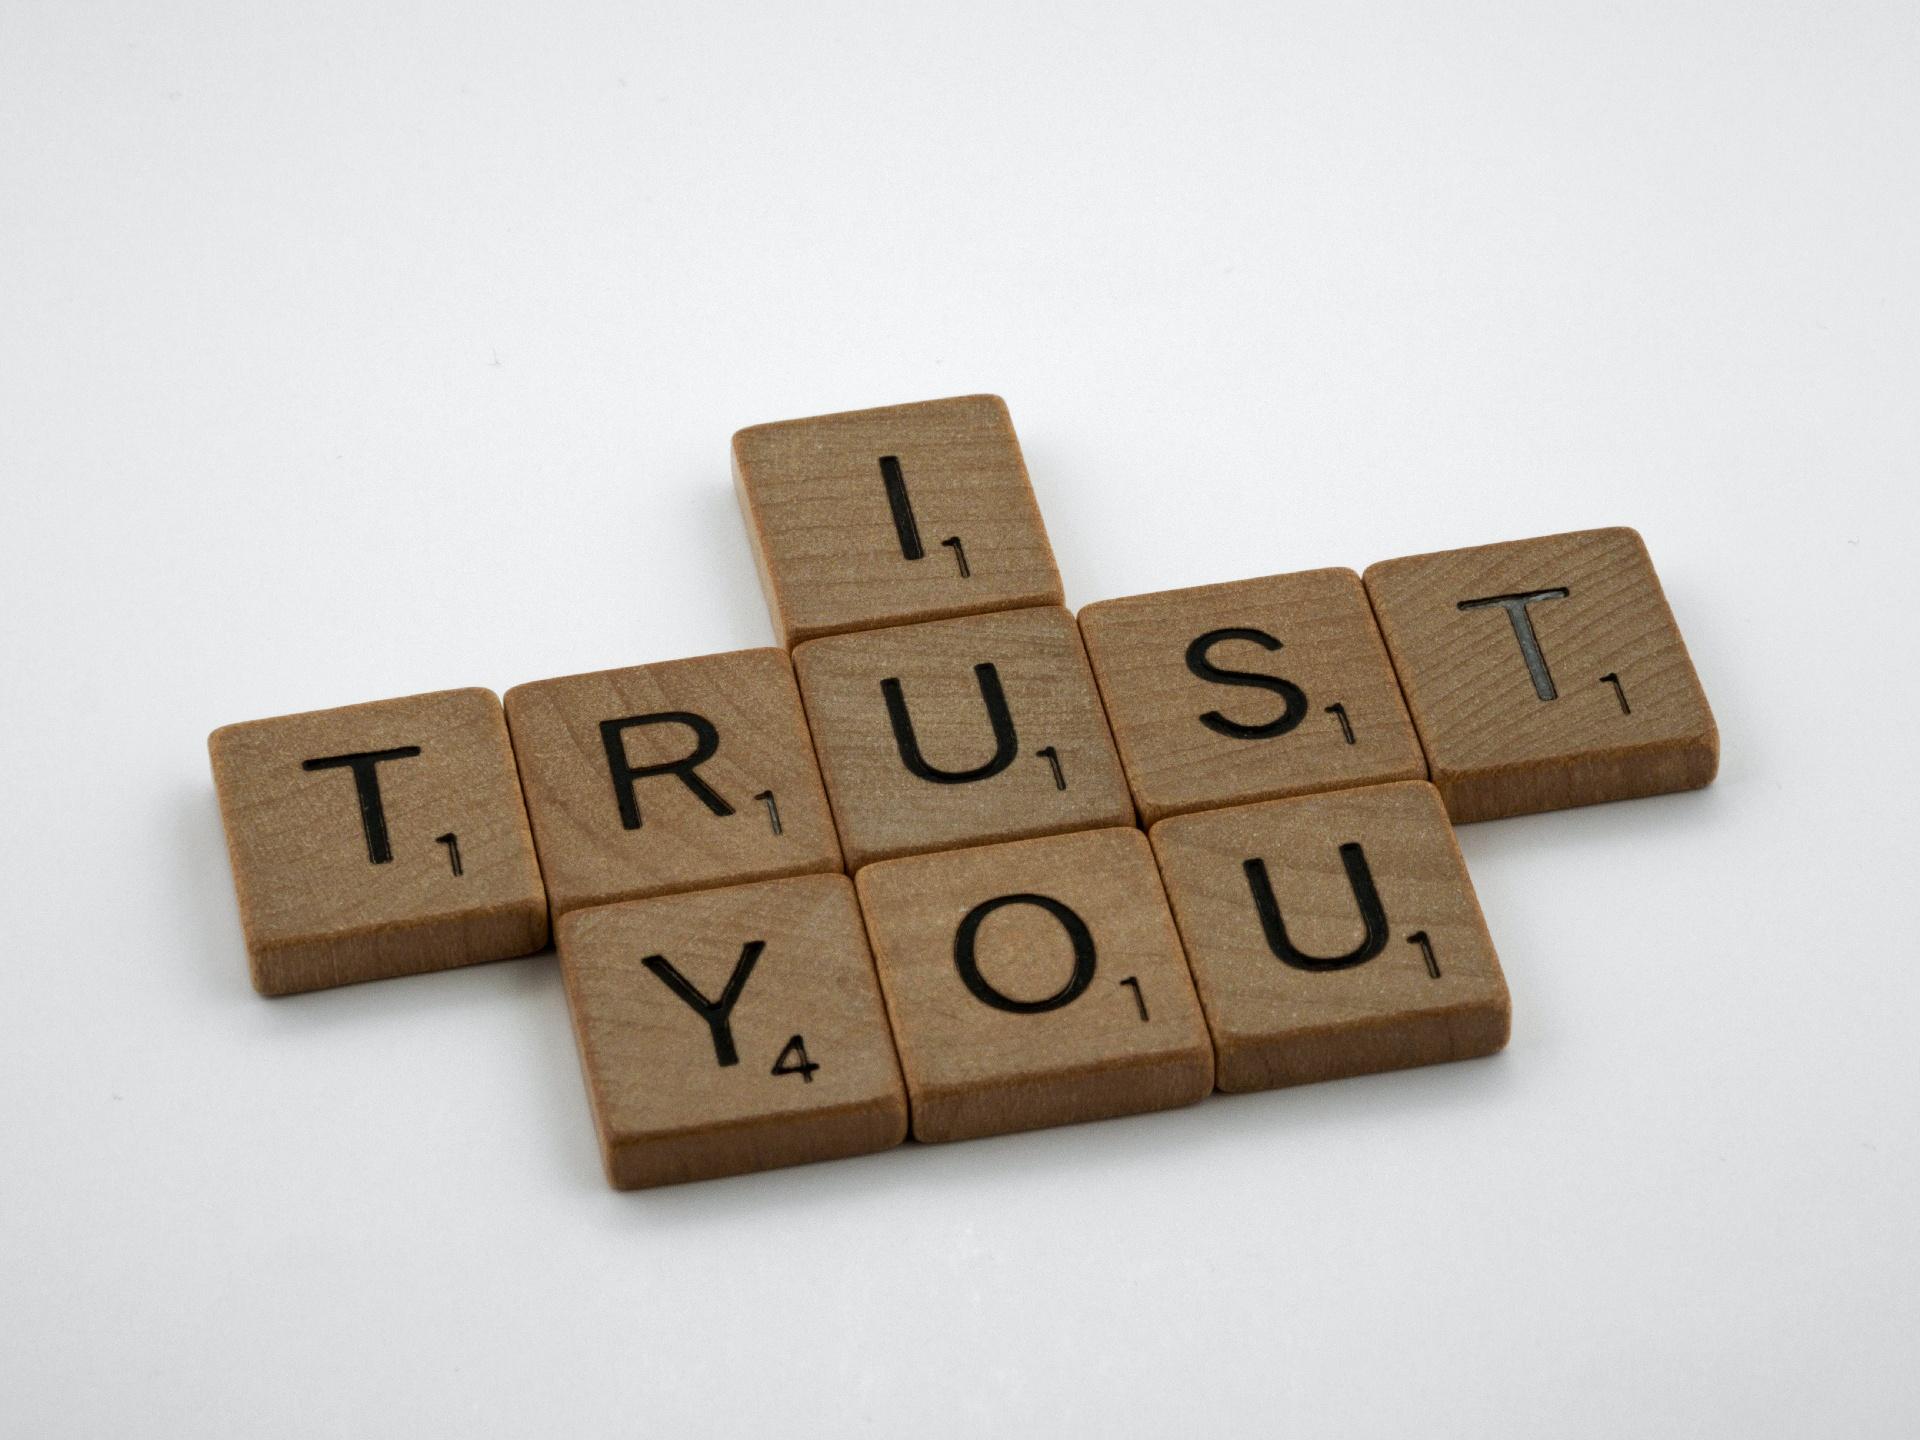 Erfolg beruht auf Vertrauen und Vertrauen ist kein Zufall_elaboratum suisse_cmm360_Photo by Brett Jordan on Unsplash